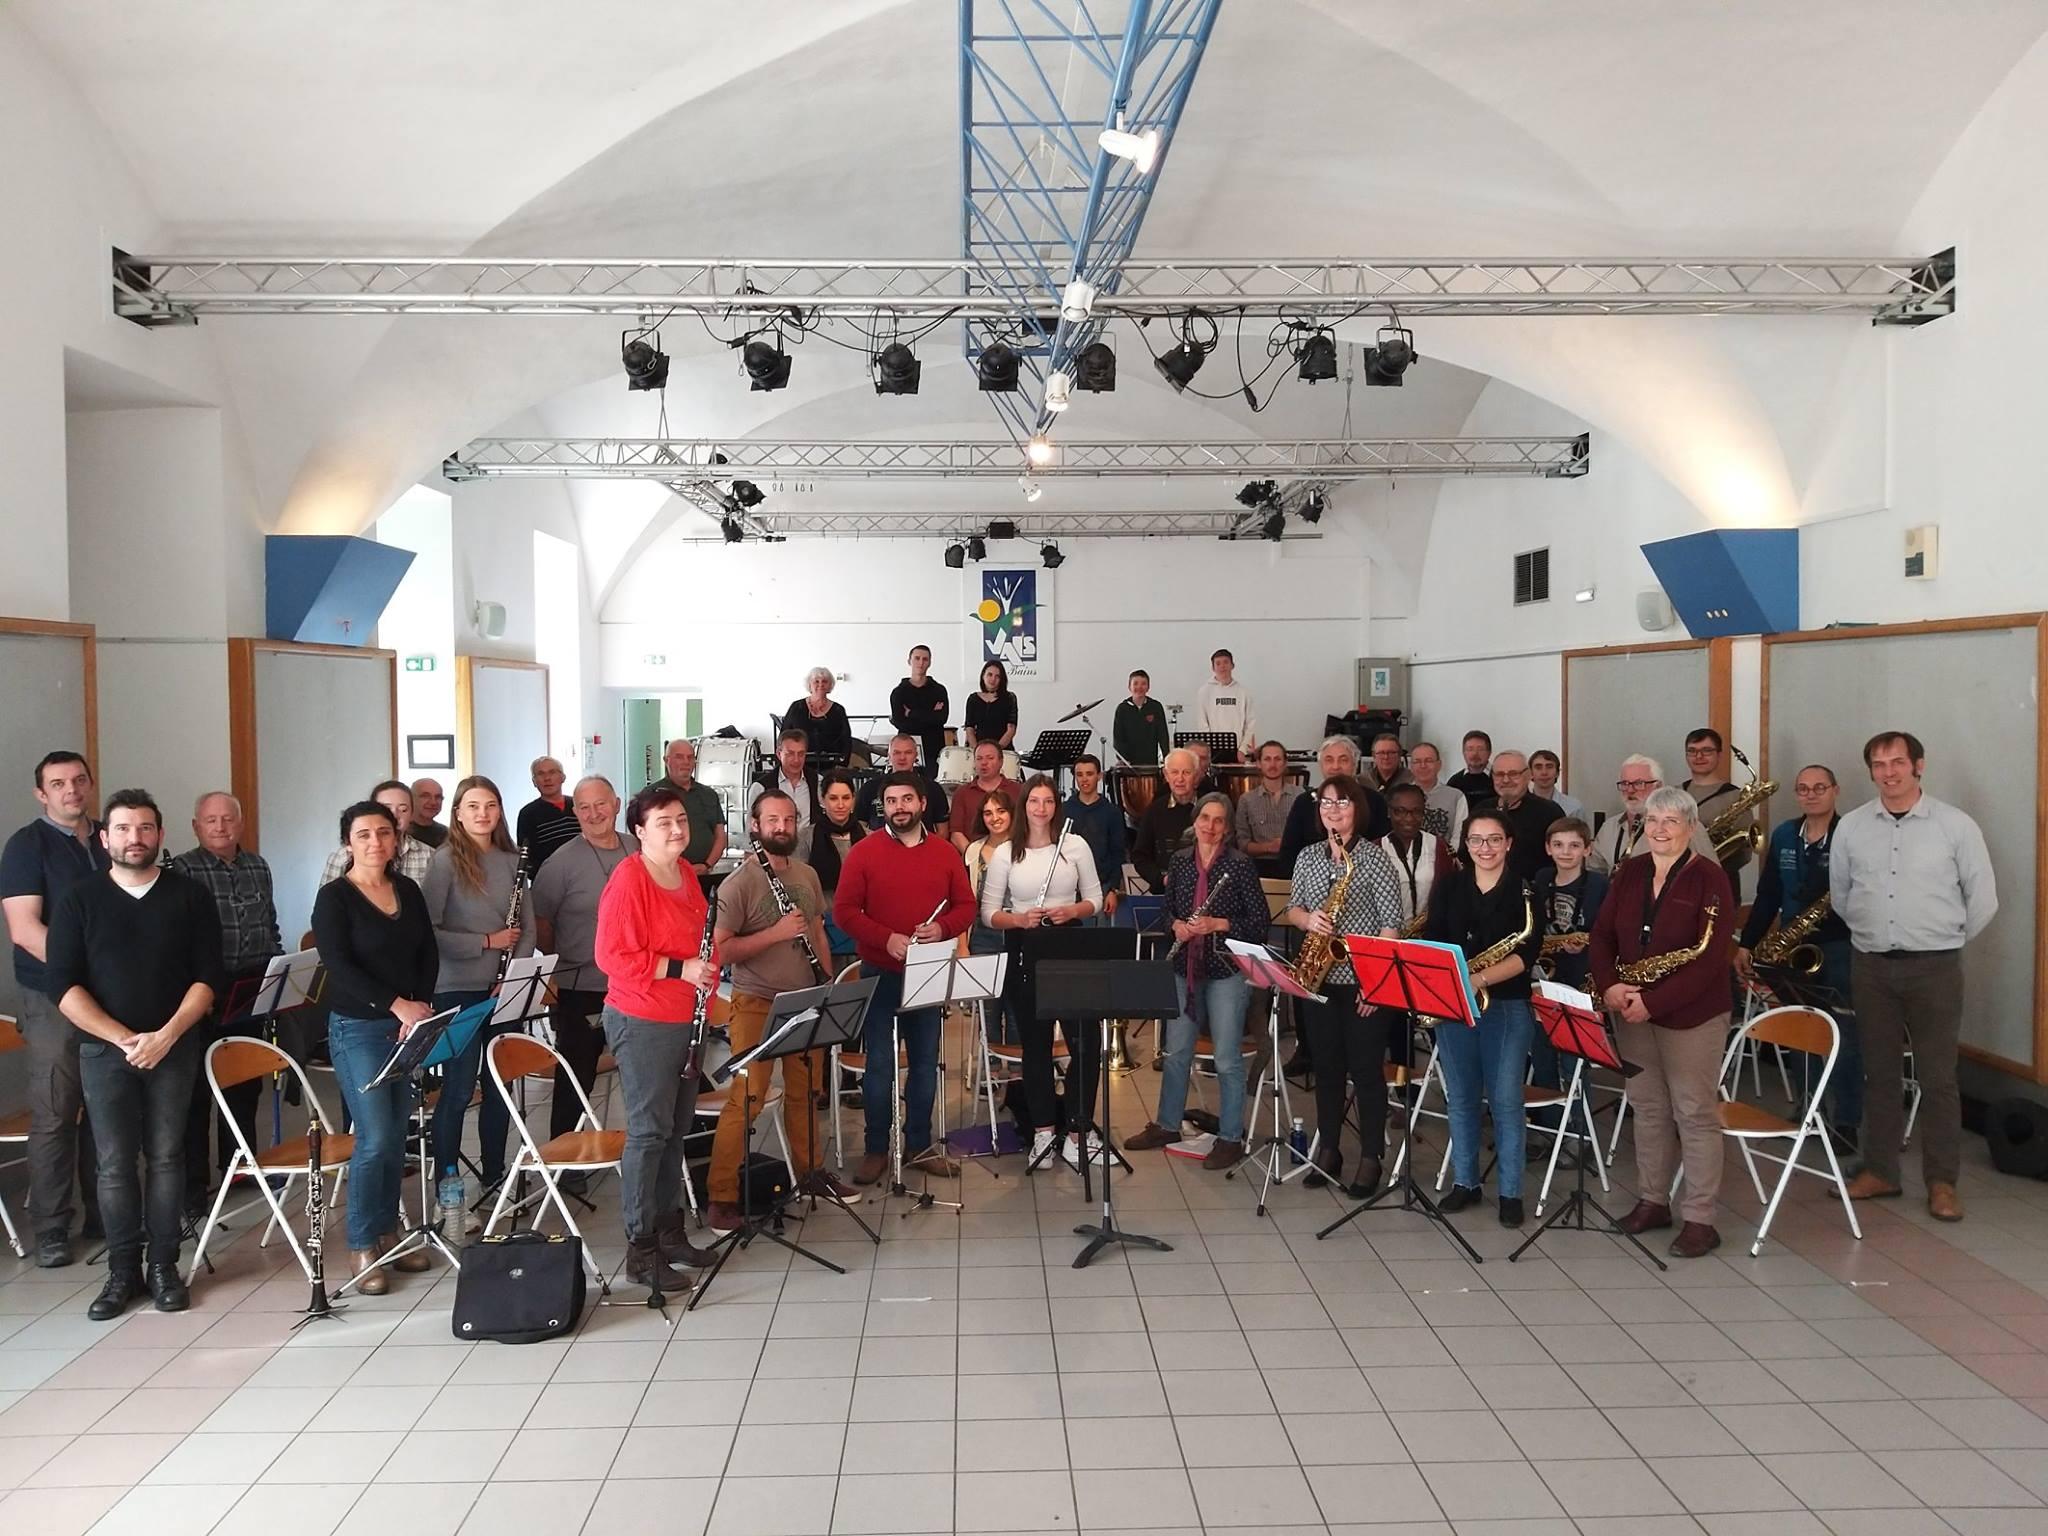 à Vals-les-bains avec l'orchestre de Bourg-lès-Valence Pour notre concert du 13 avril 2019